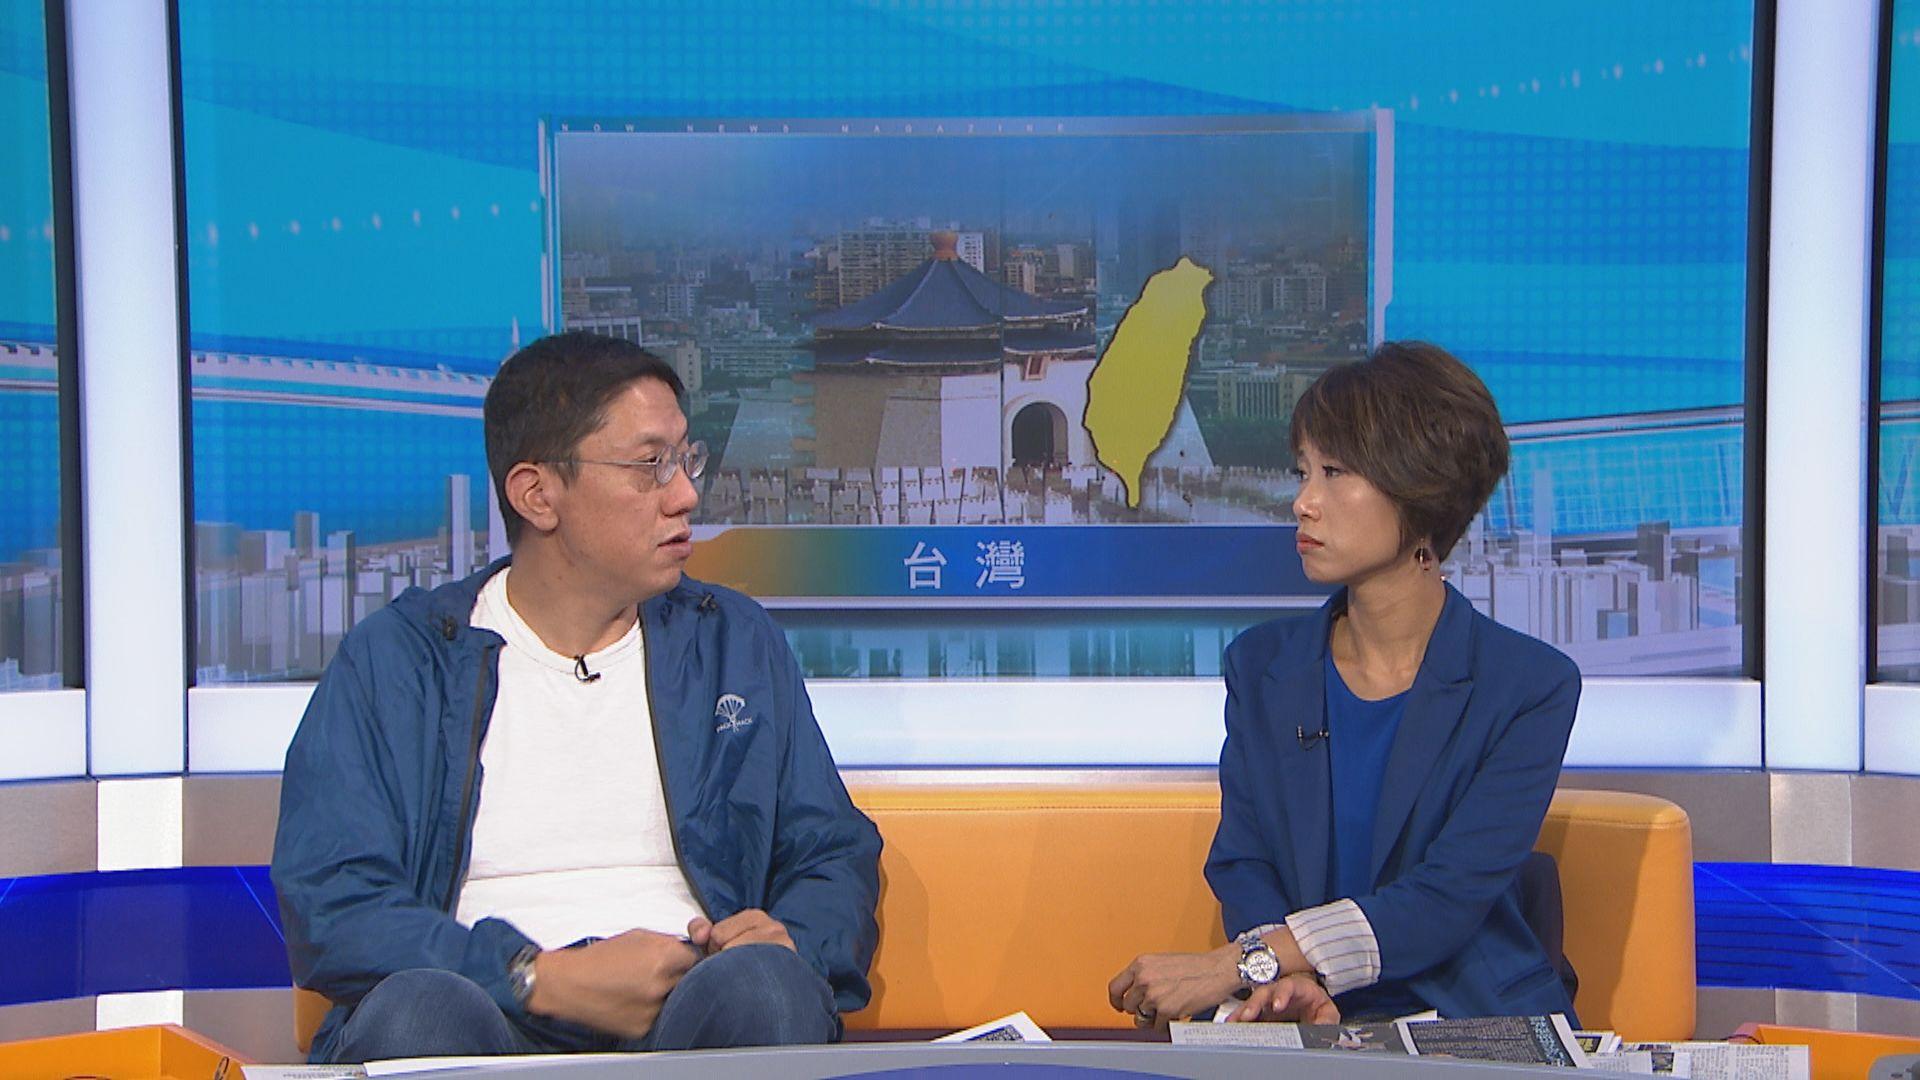 【MAX觀點】本港反修例成台灣選舉關鍵?